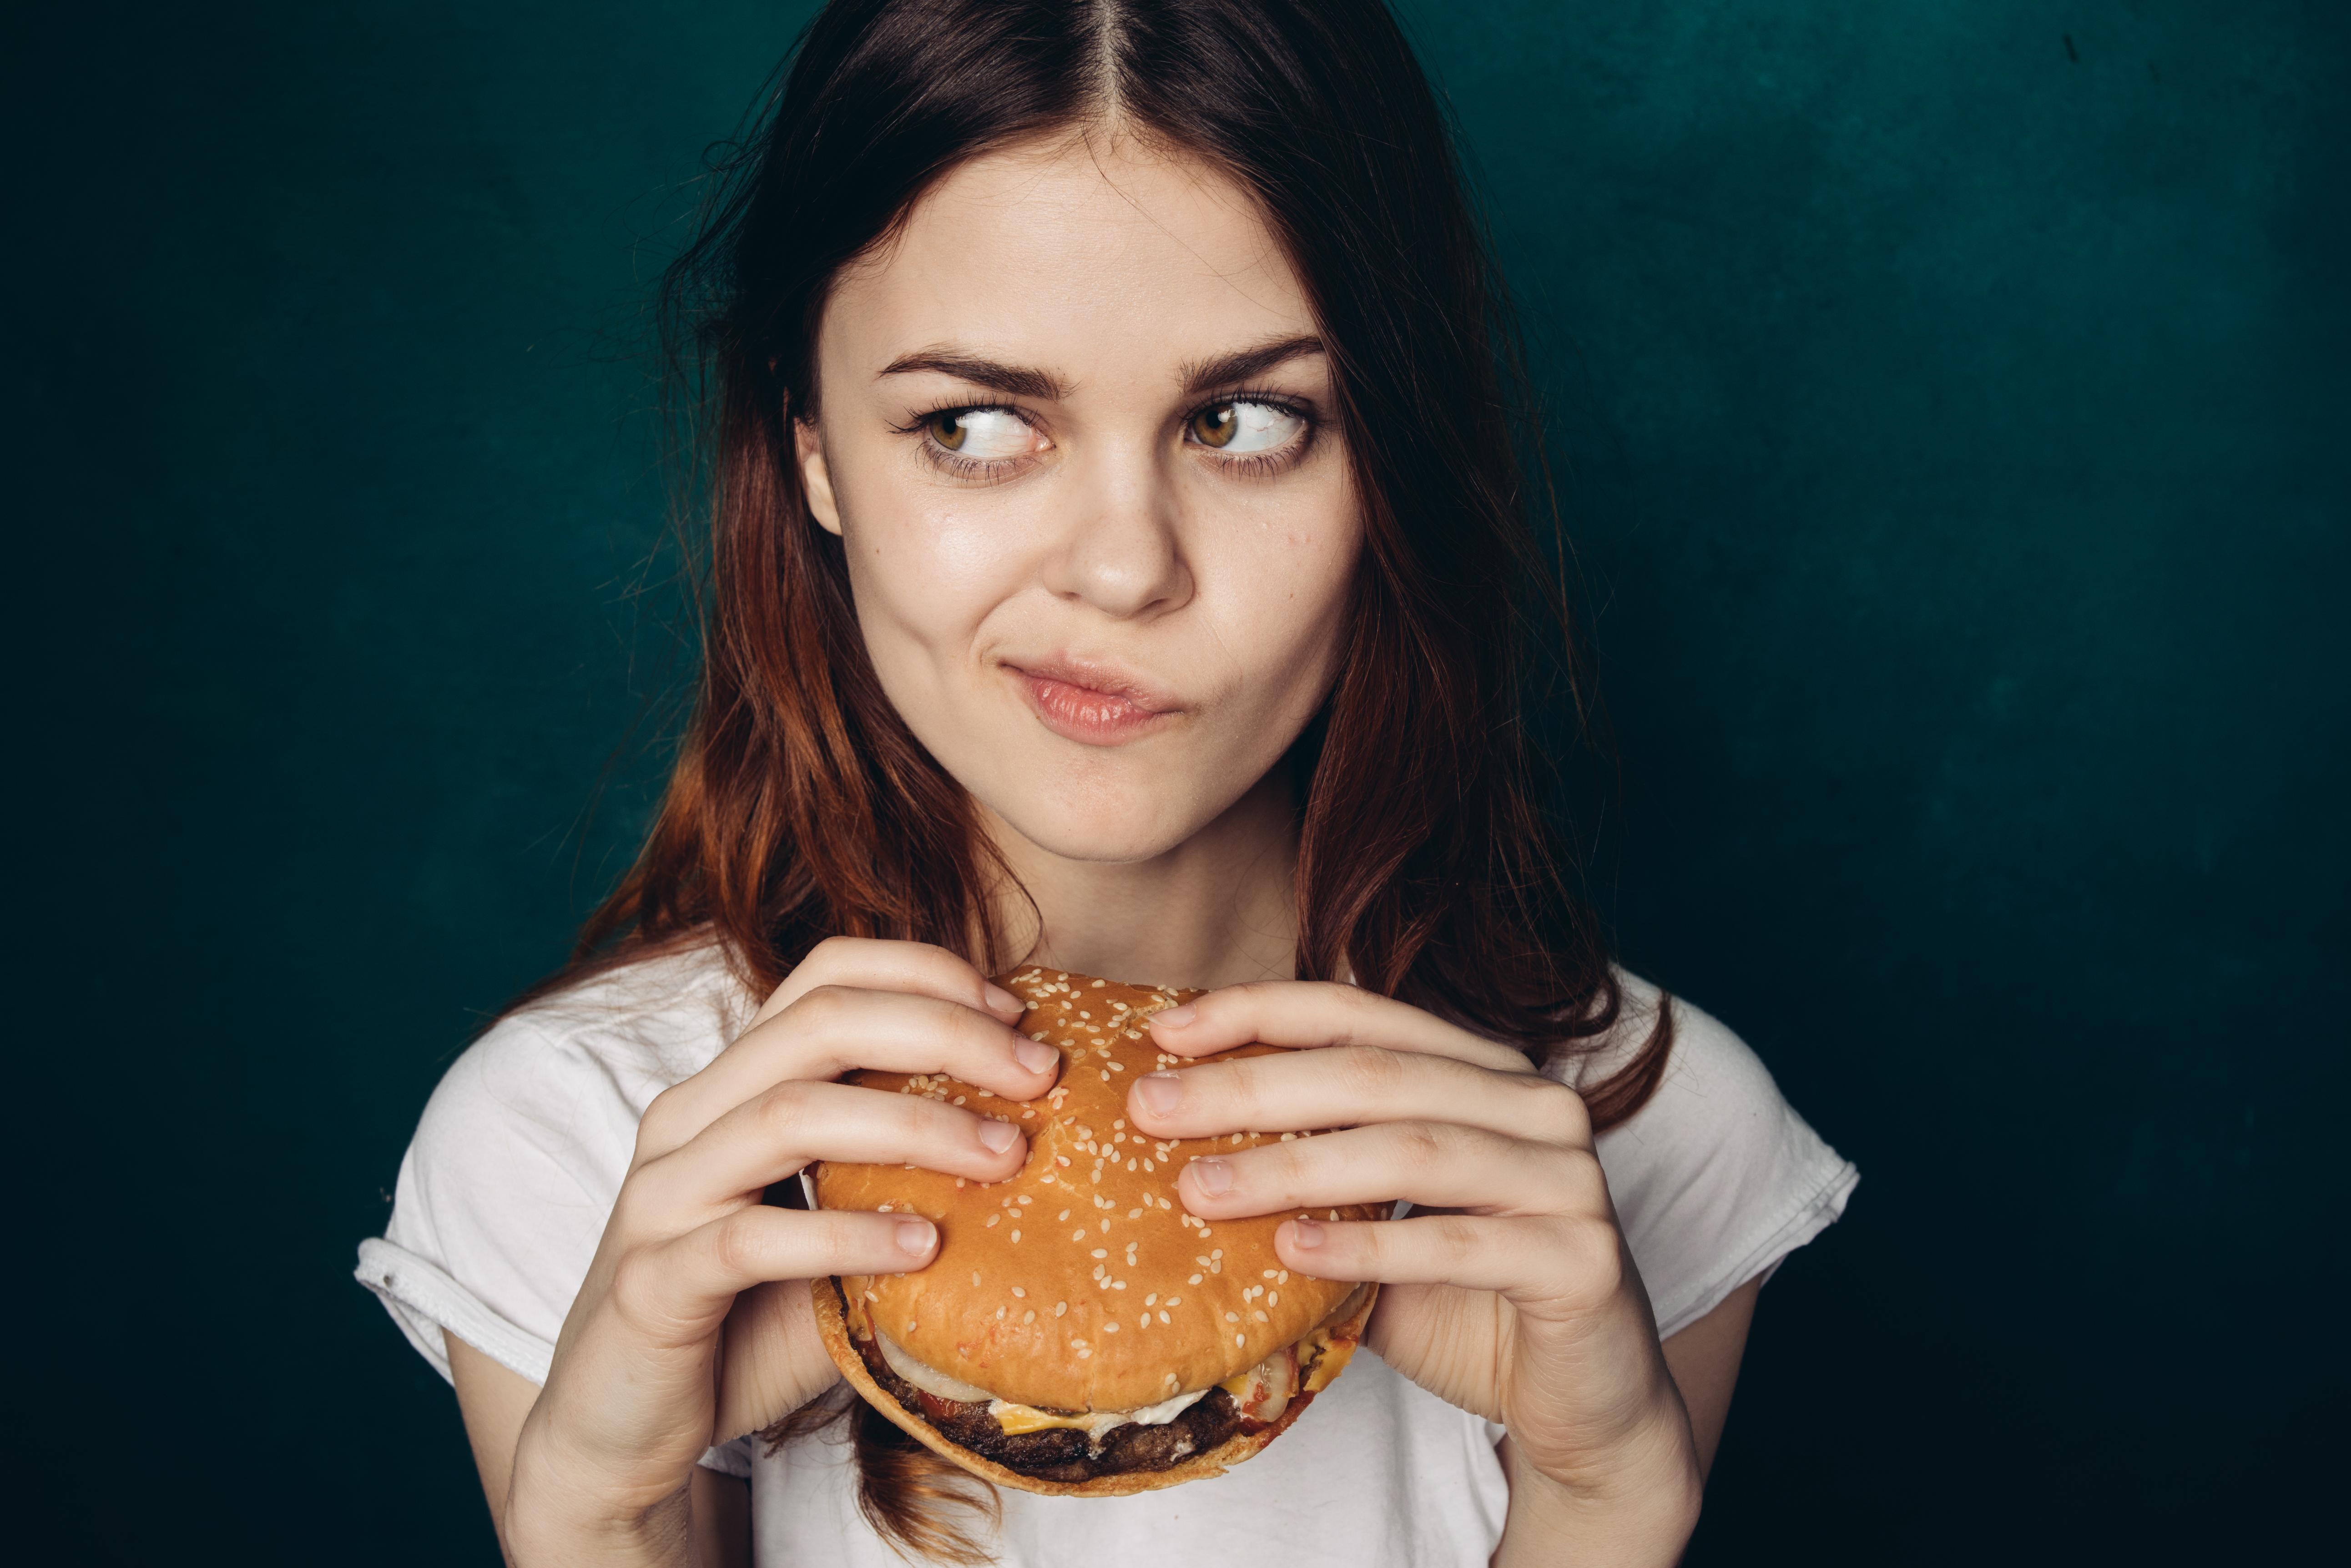 Var tredje svensk hoppar över lunchen någon gång i veckan, vanligtvis på grund av stress, särskilt hos kvinnor.